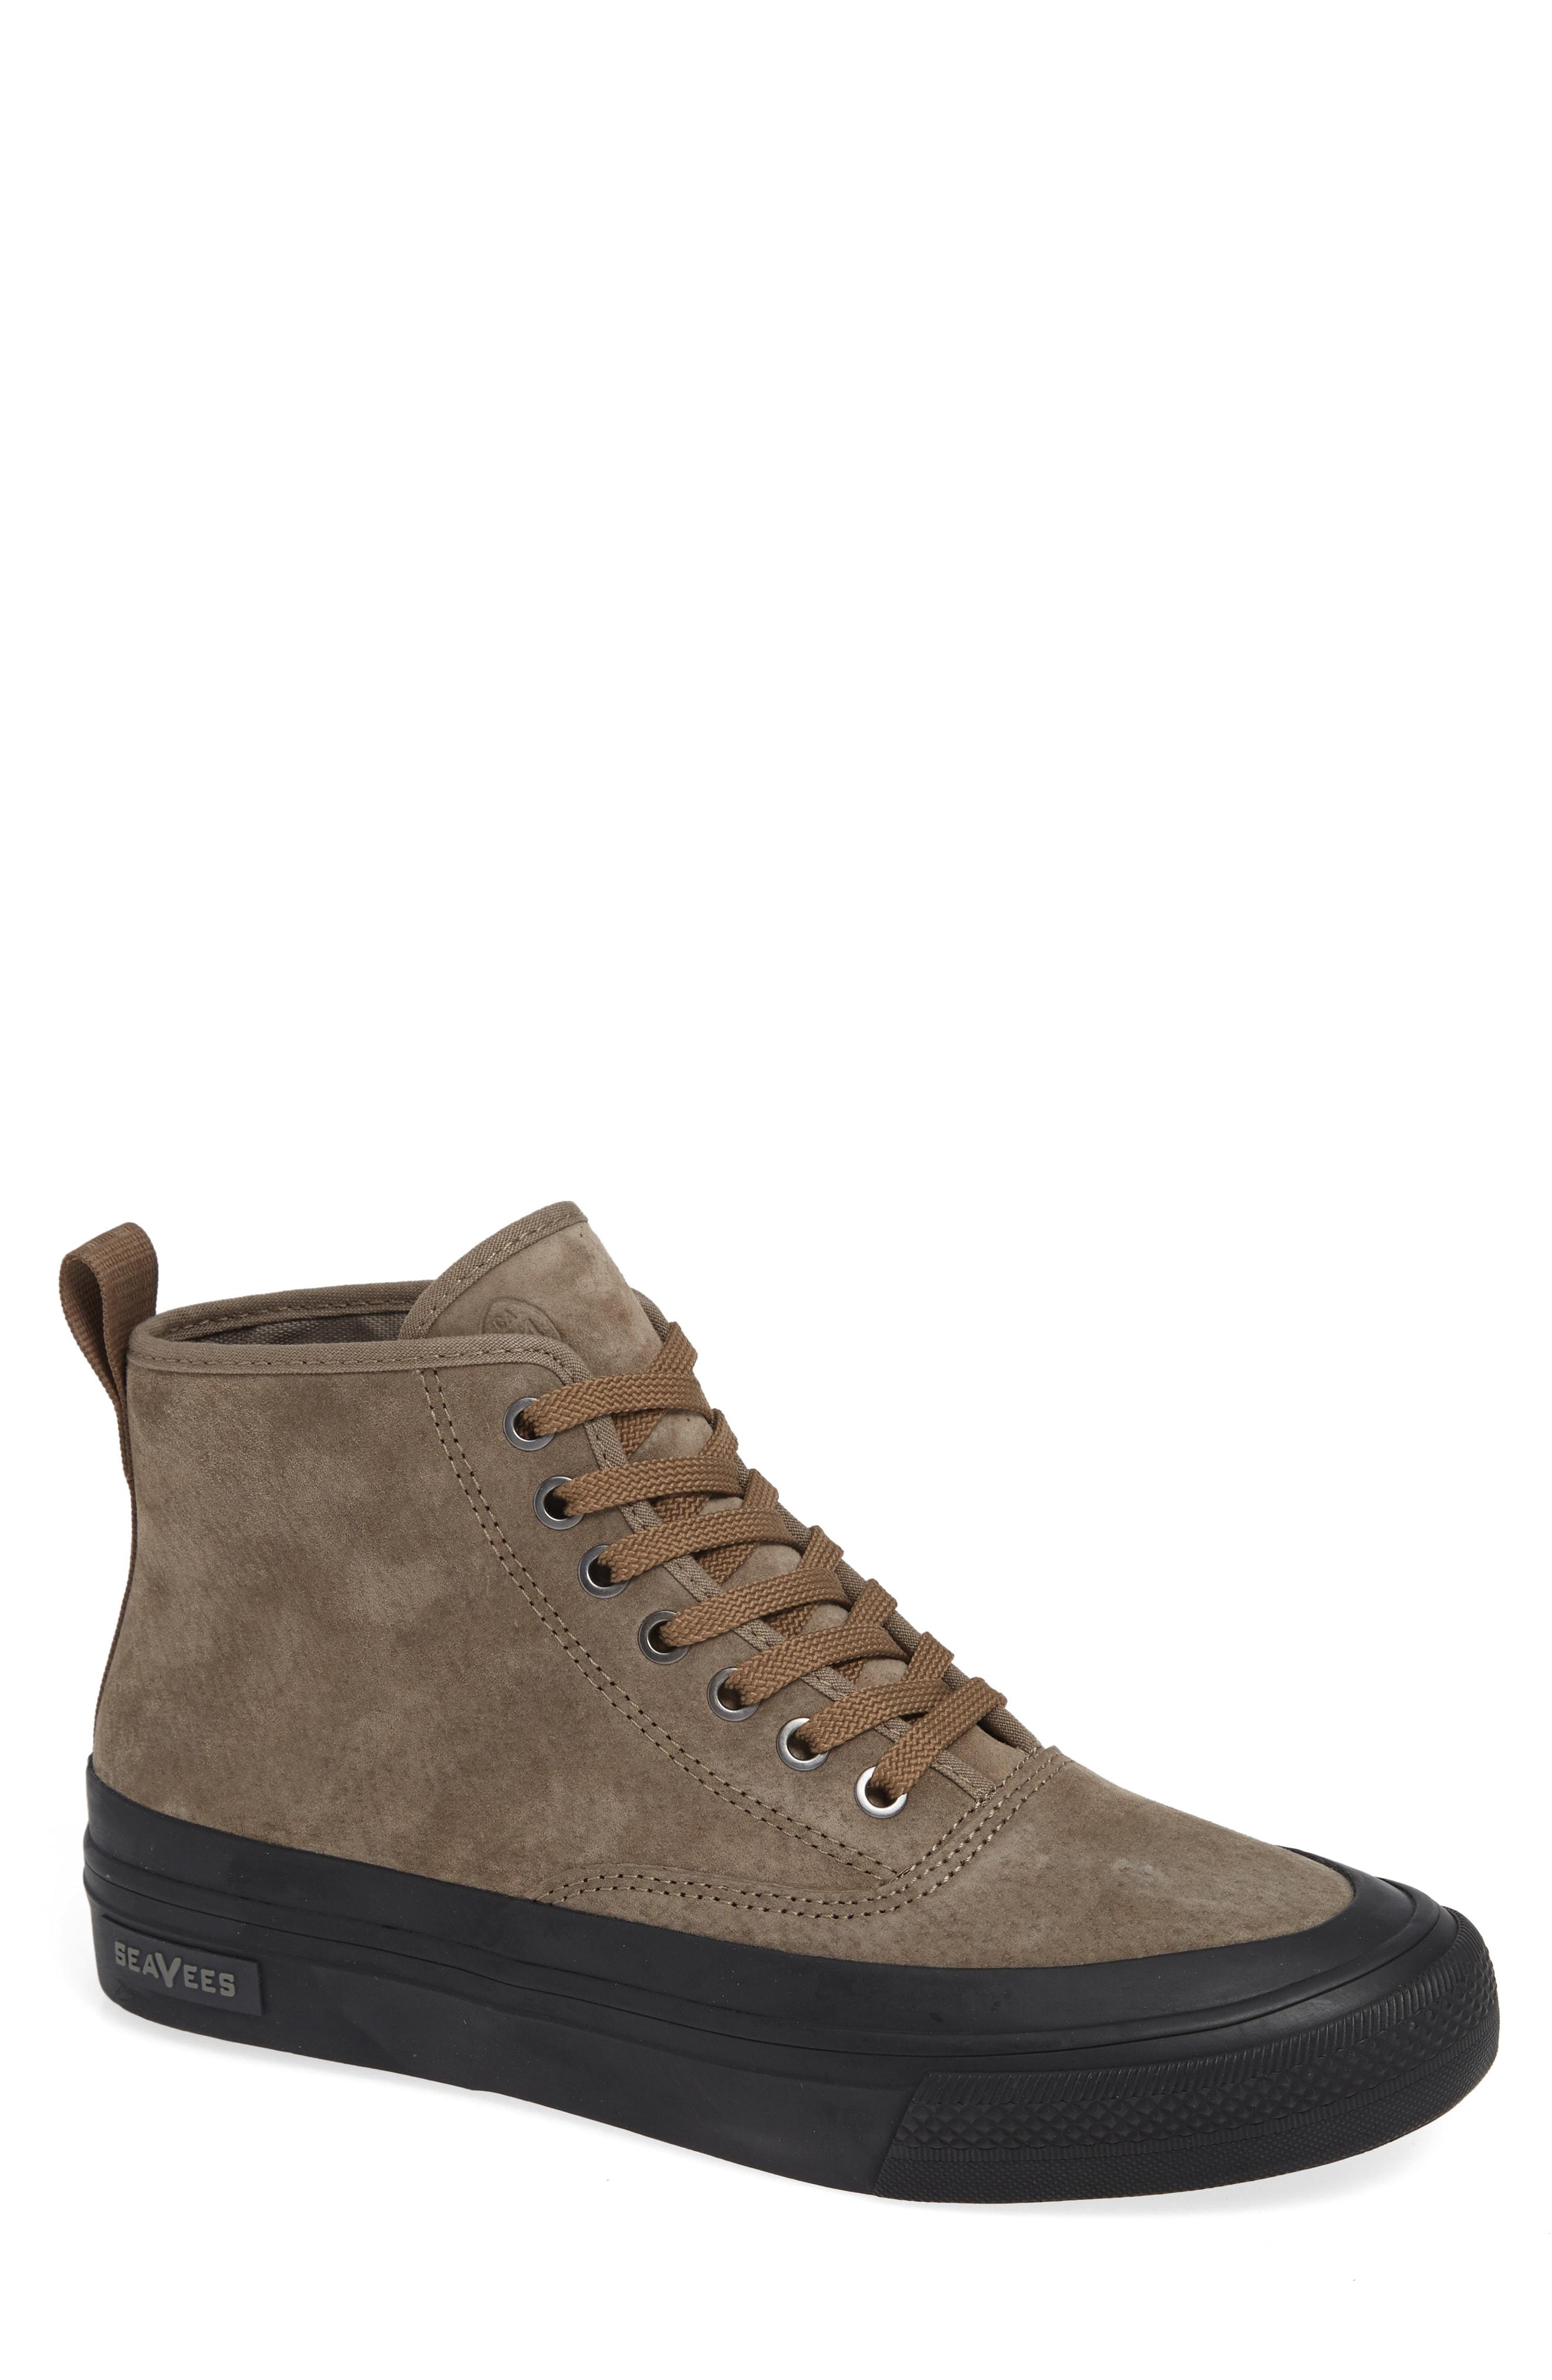 Men's Seavees Mariners Waterproof Sneaker, Size 10 M - Brown